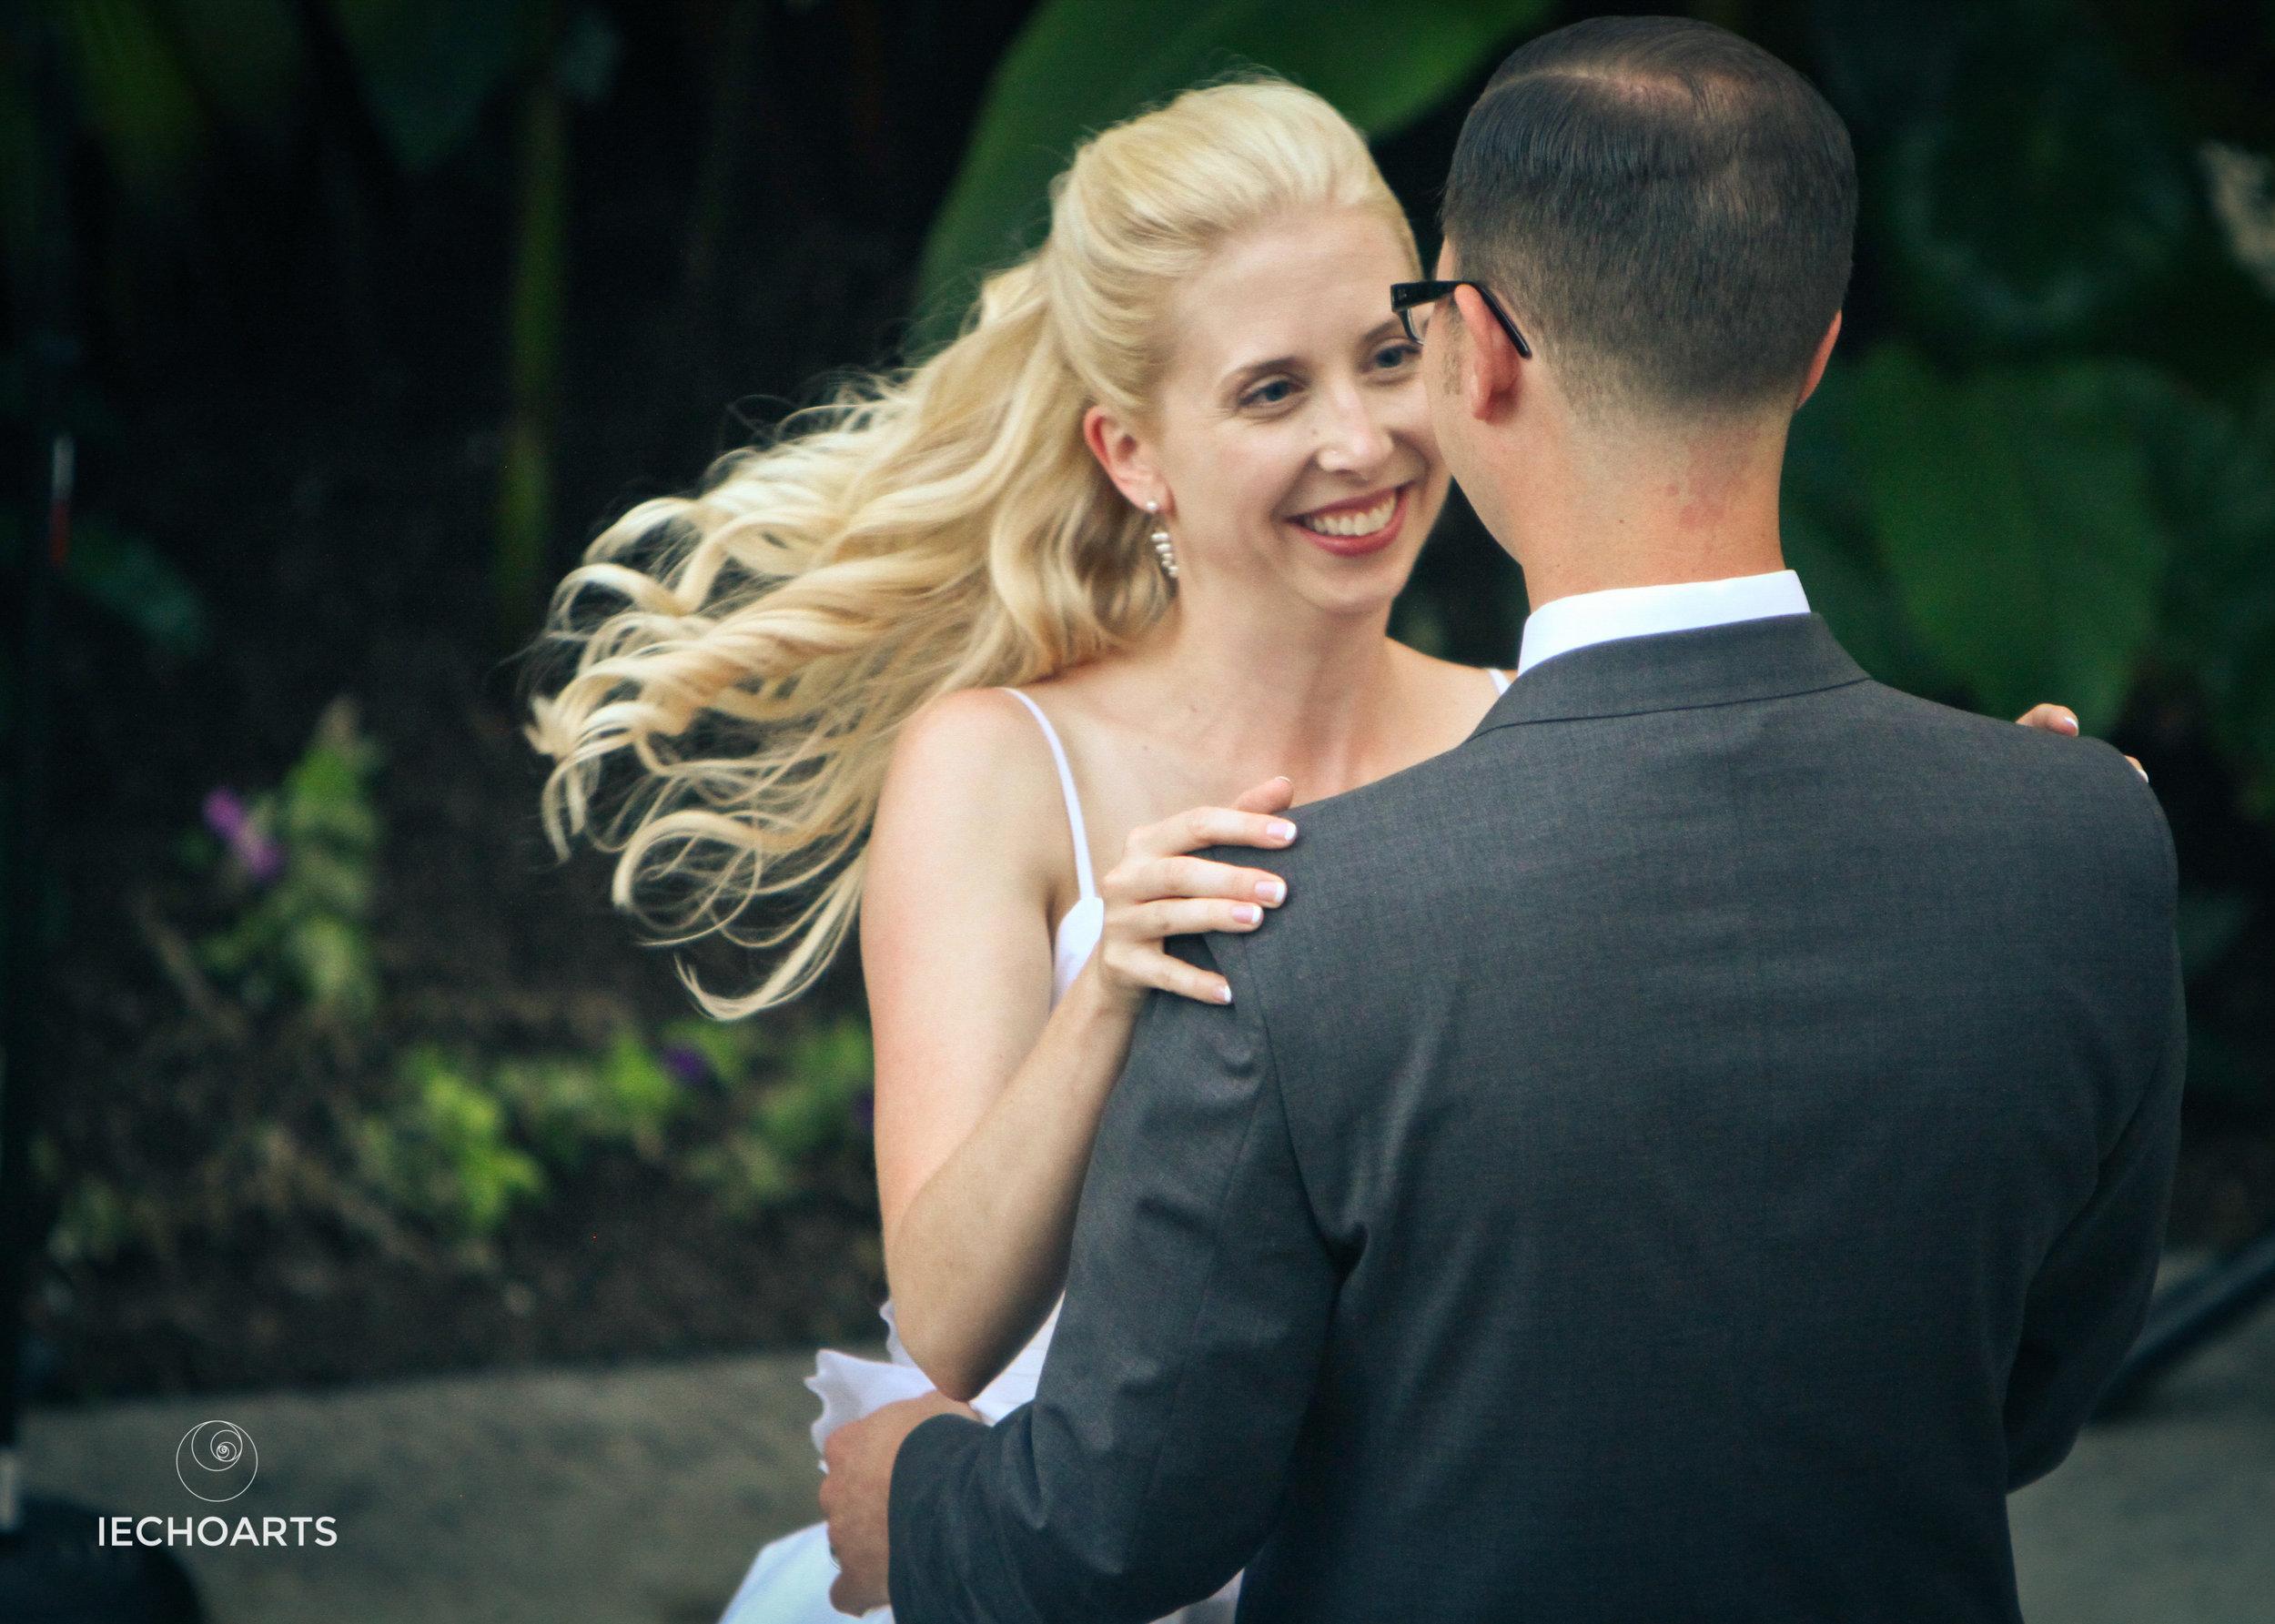 IEcho Arts wedding-16.jpg